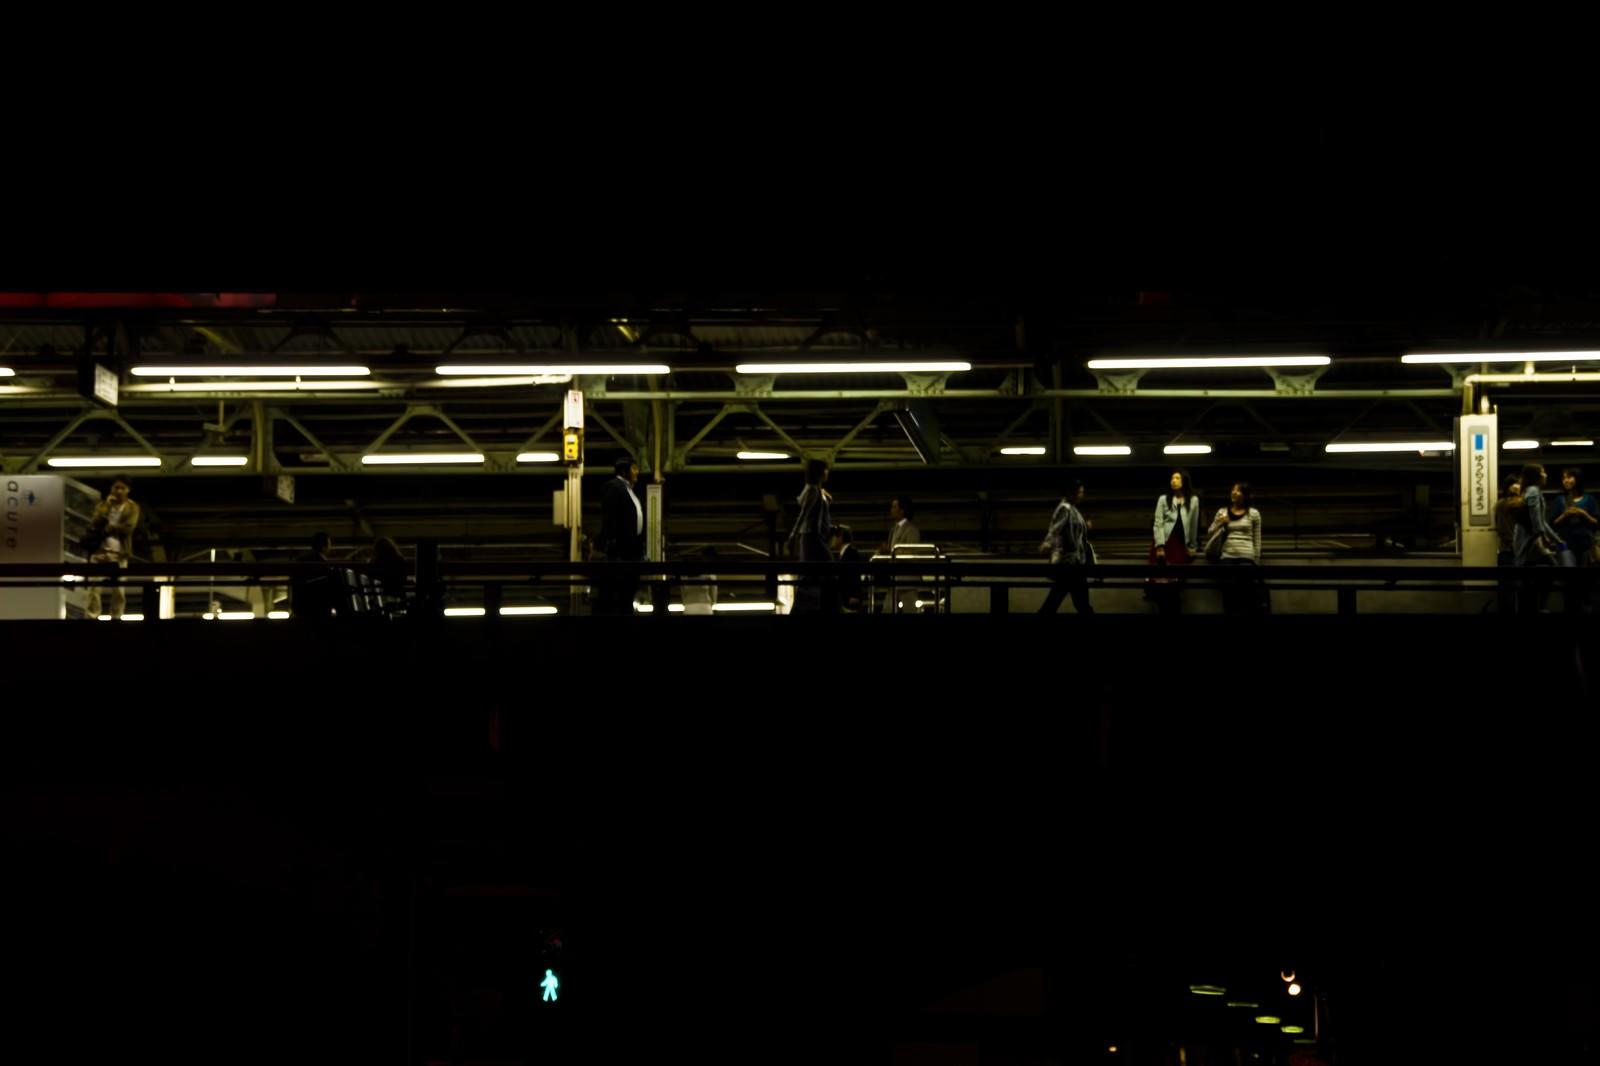 「夜の有楽町駅(構内)」の写真